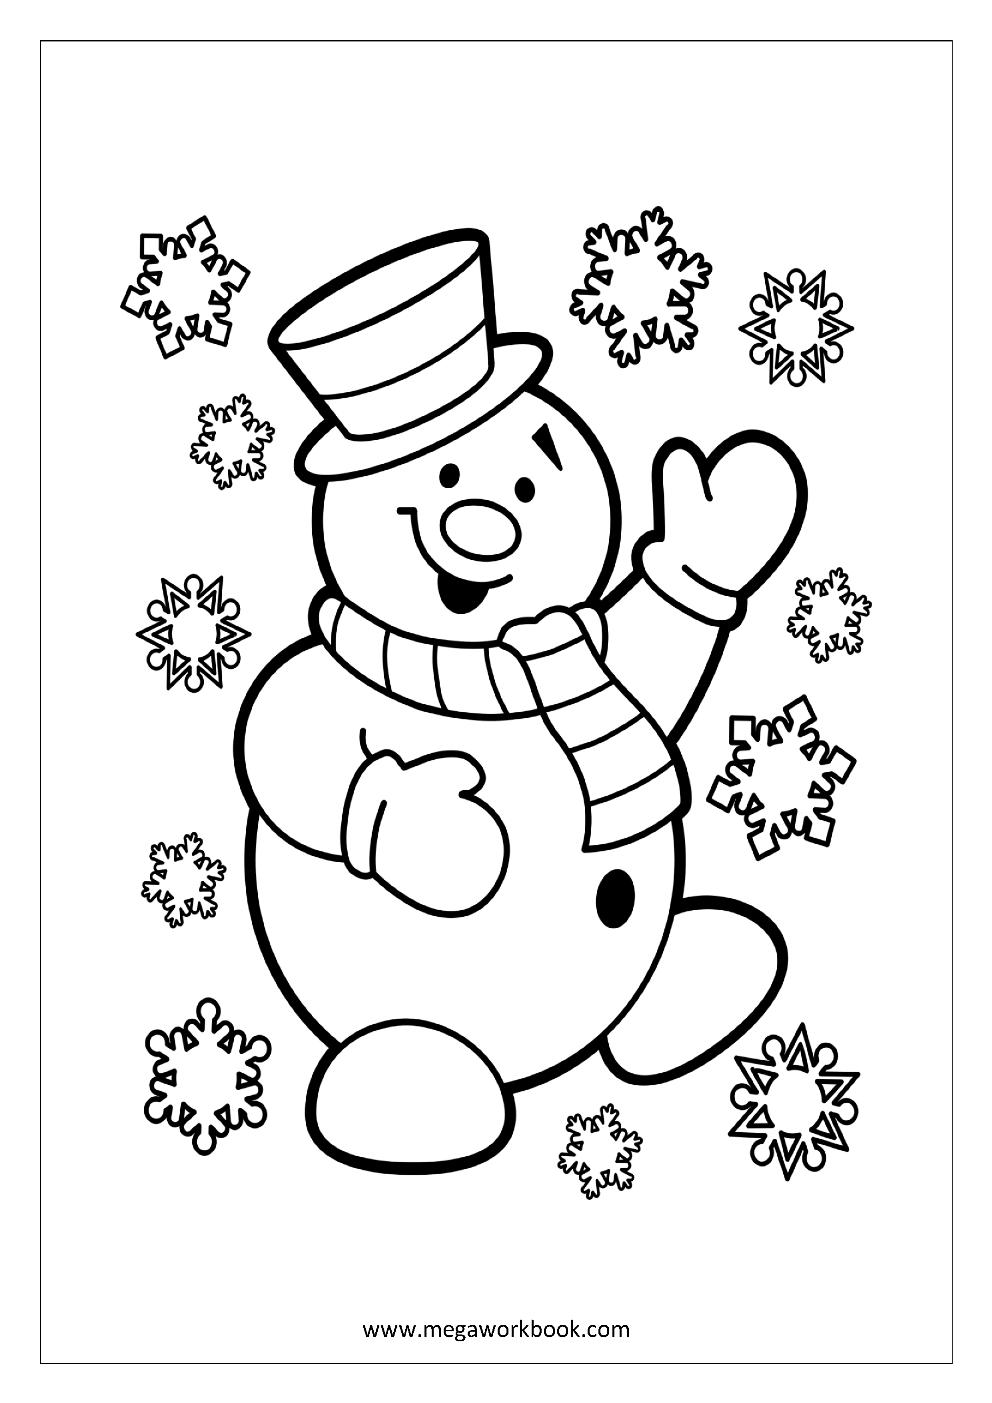 Tipss Und Vorlagen Winter Und Schnee Weihnachten Malvorlagen Christmas Coloring Sheets Free Christmas Coloring Pages Snowman Coloring Pages